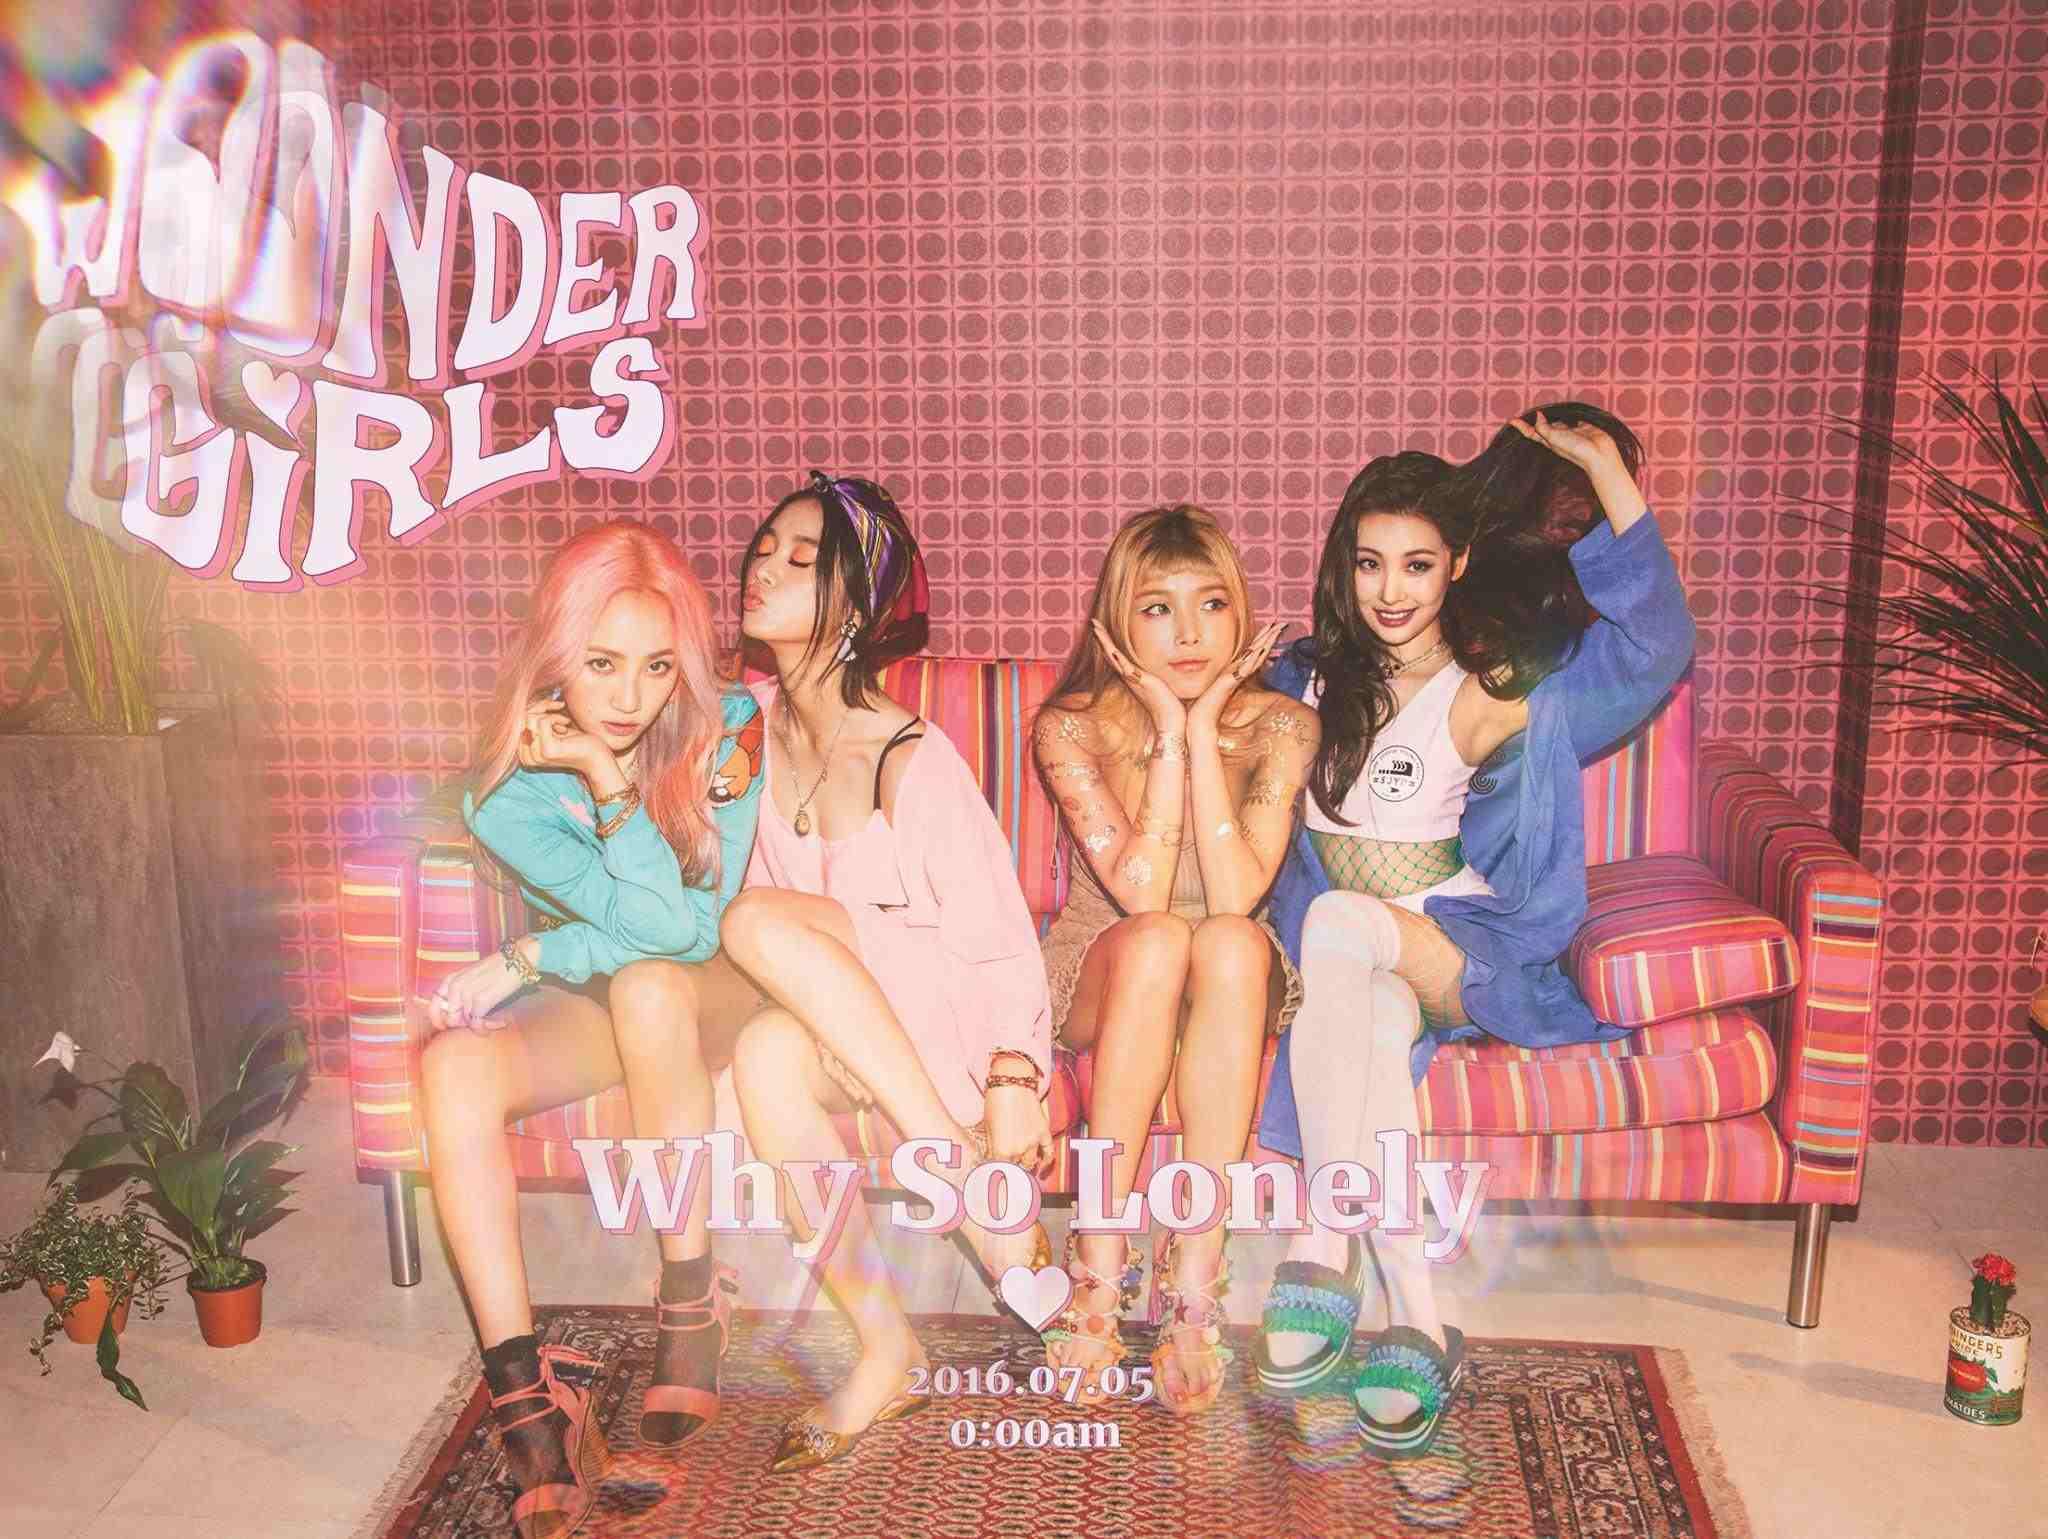 -「Wonder Girls不像以前一樣那麼大勢了,後期也逐漸走下坡,除非這次推出的歌曲有引起反應,要不然很難回到以前的人氣。」